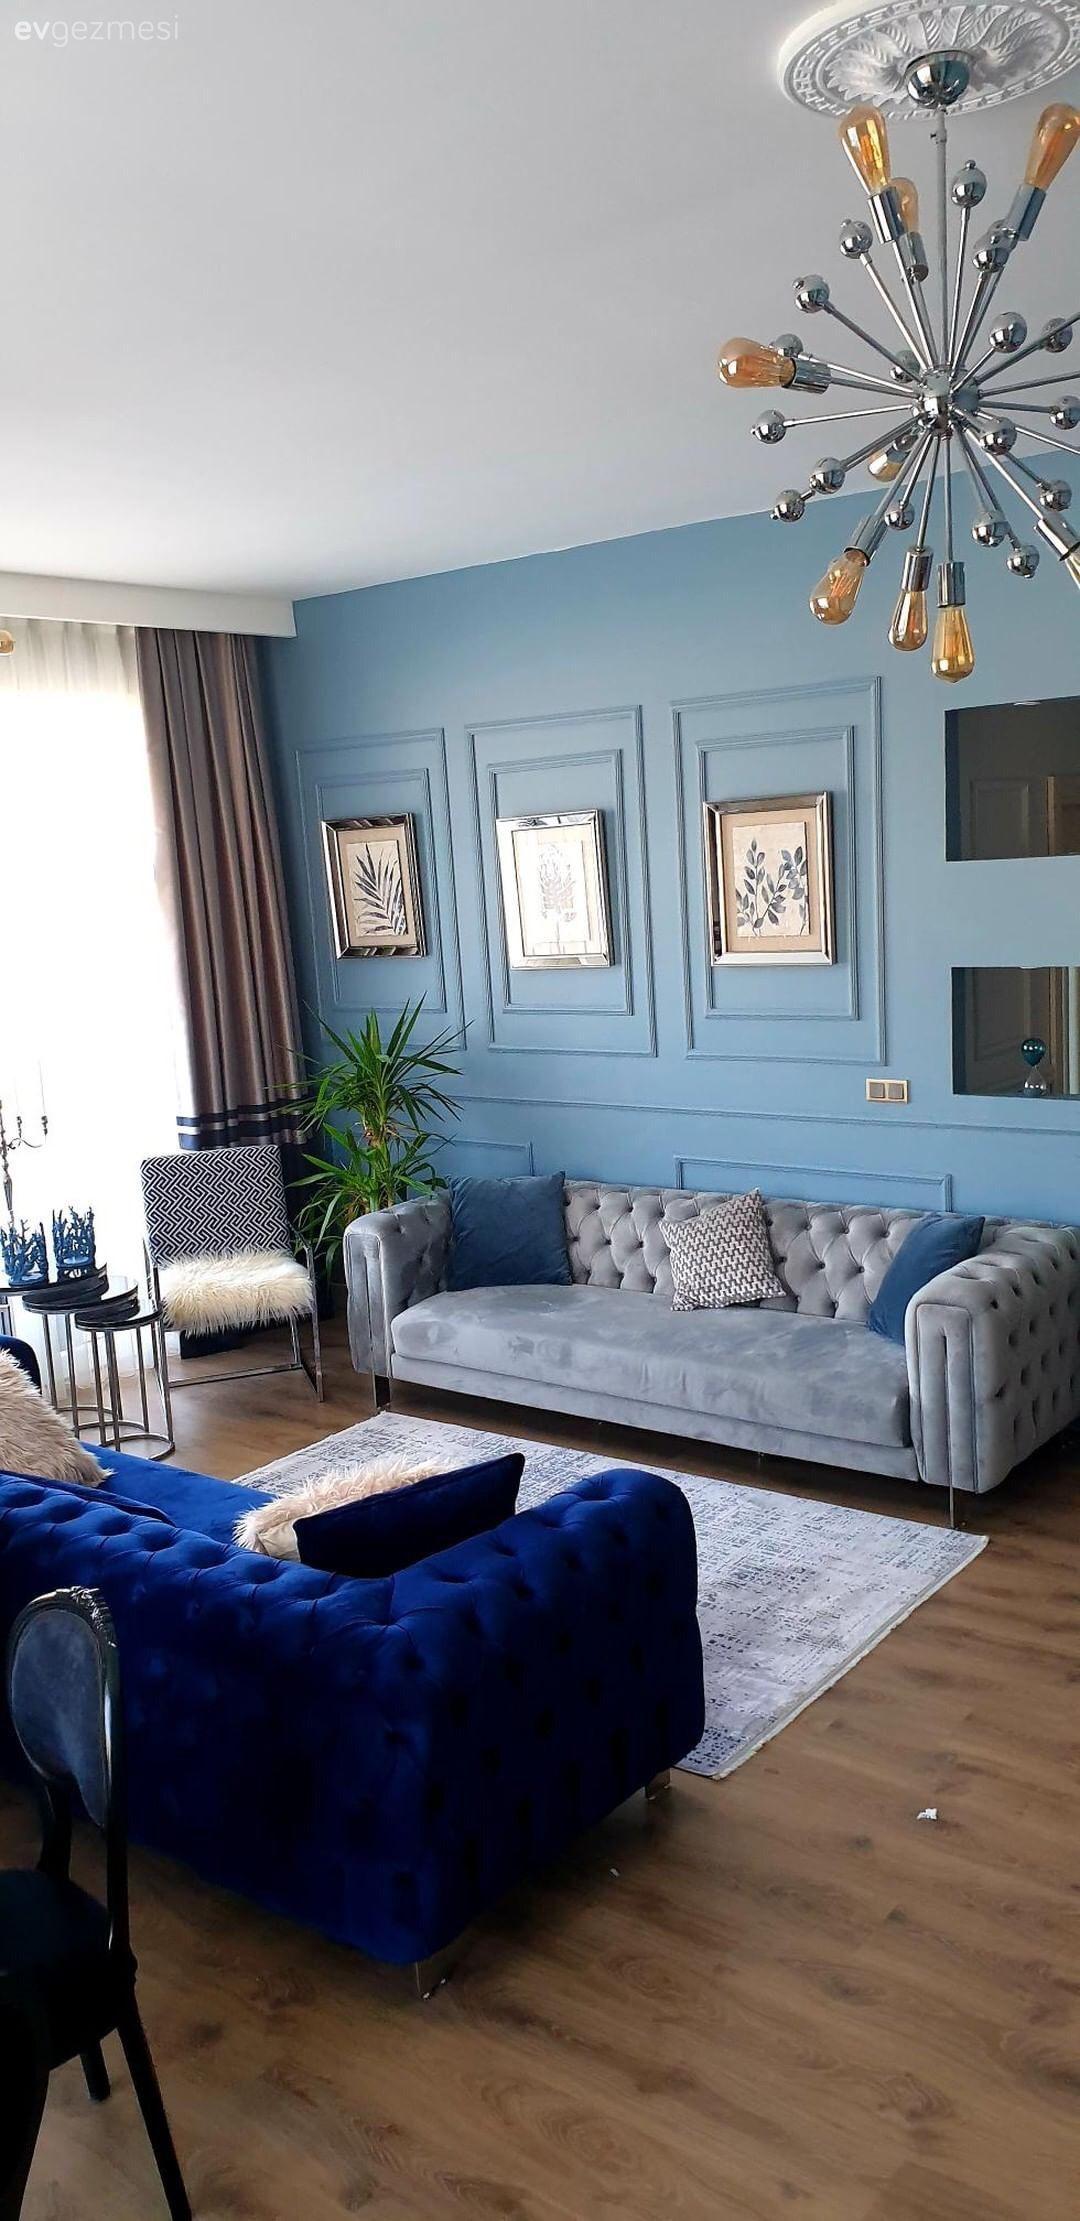 Bu Evin Serin Renkleri Şık Dekorasyona Taze Bir Nefes Katıyor #evdekoru